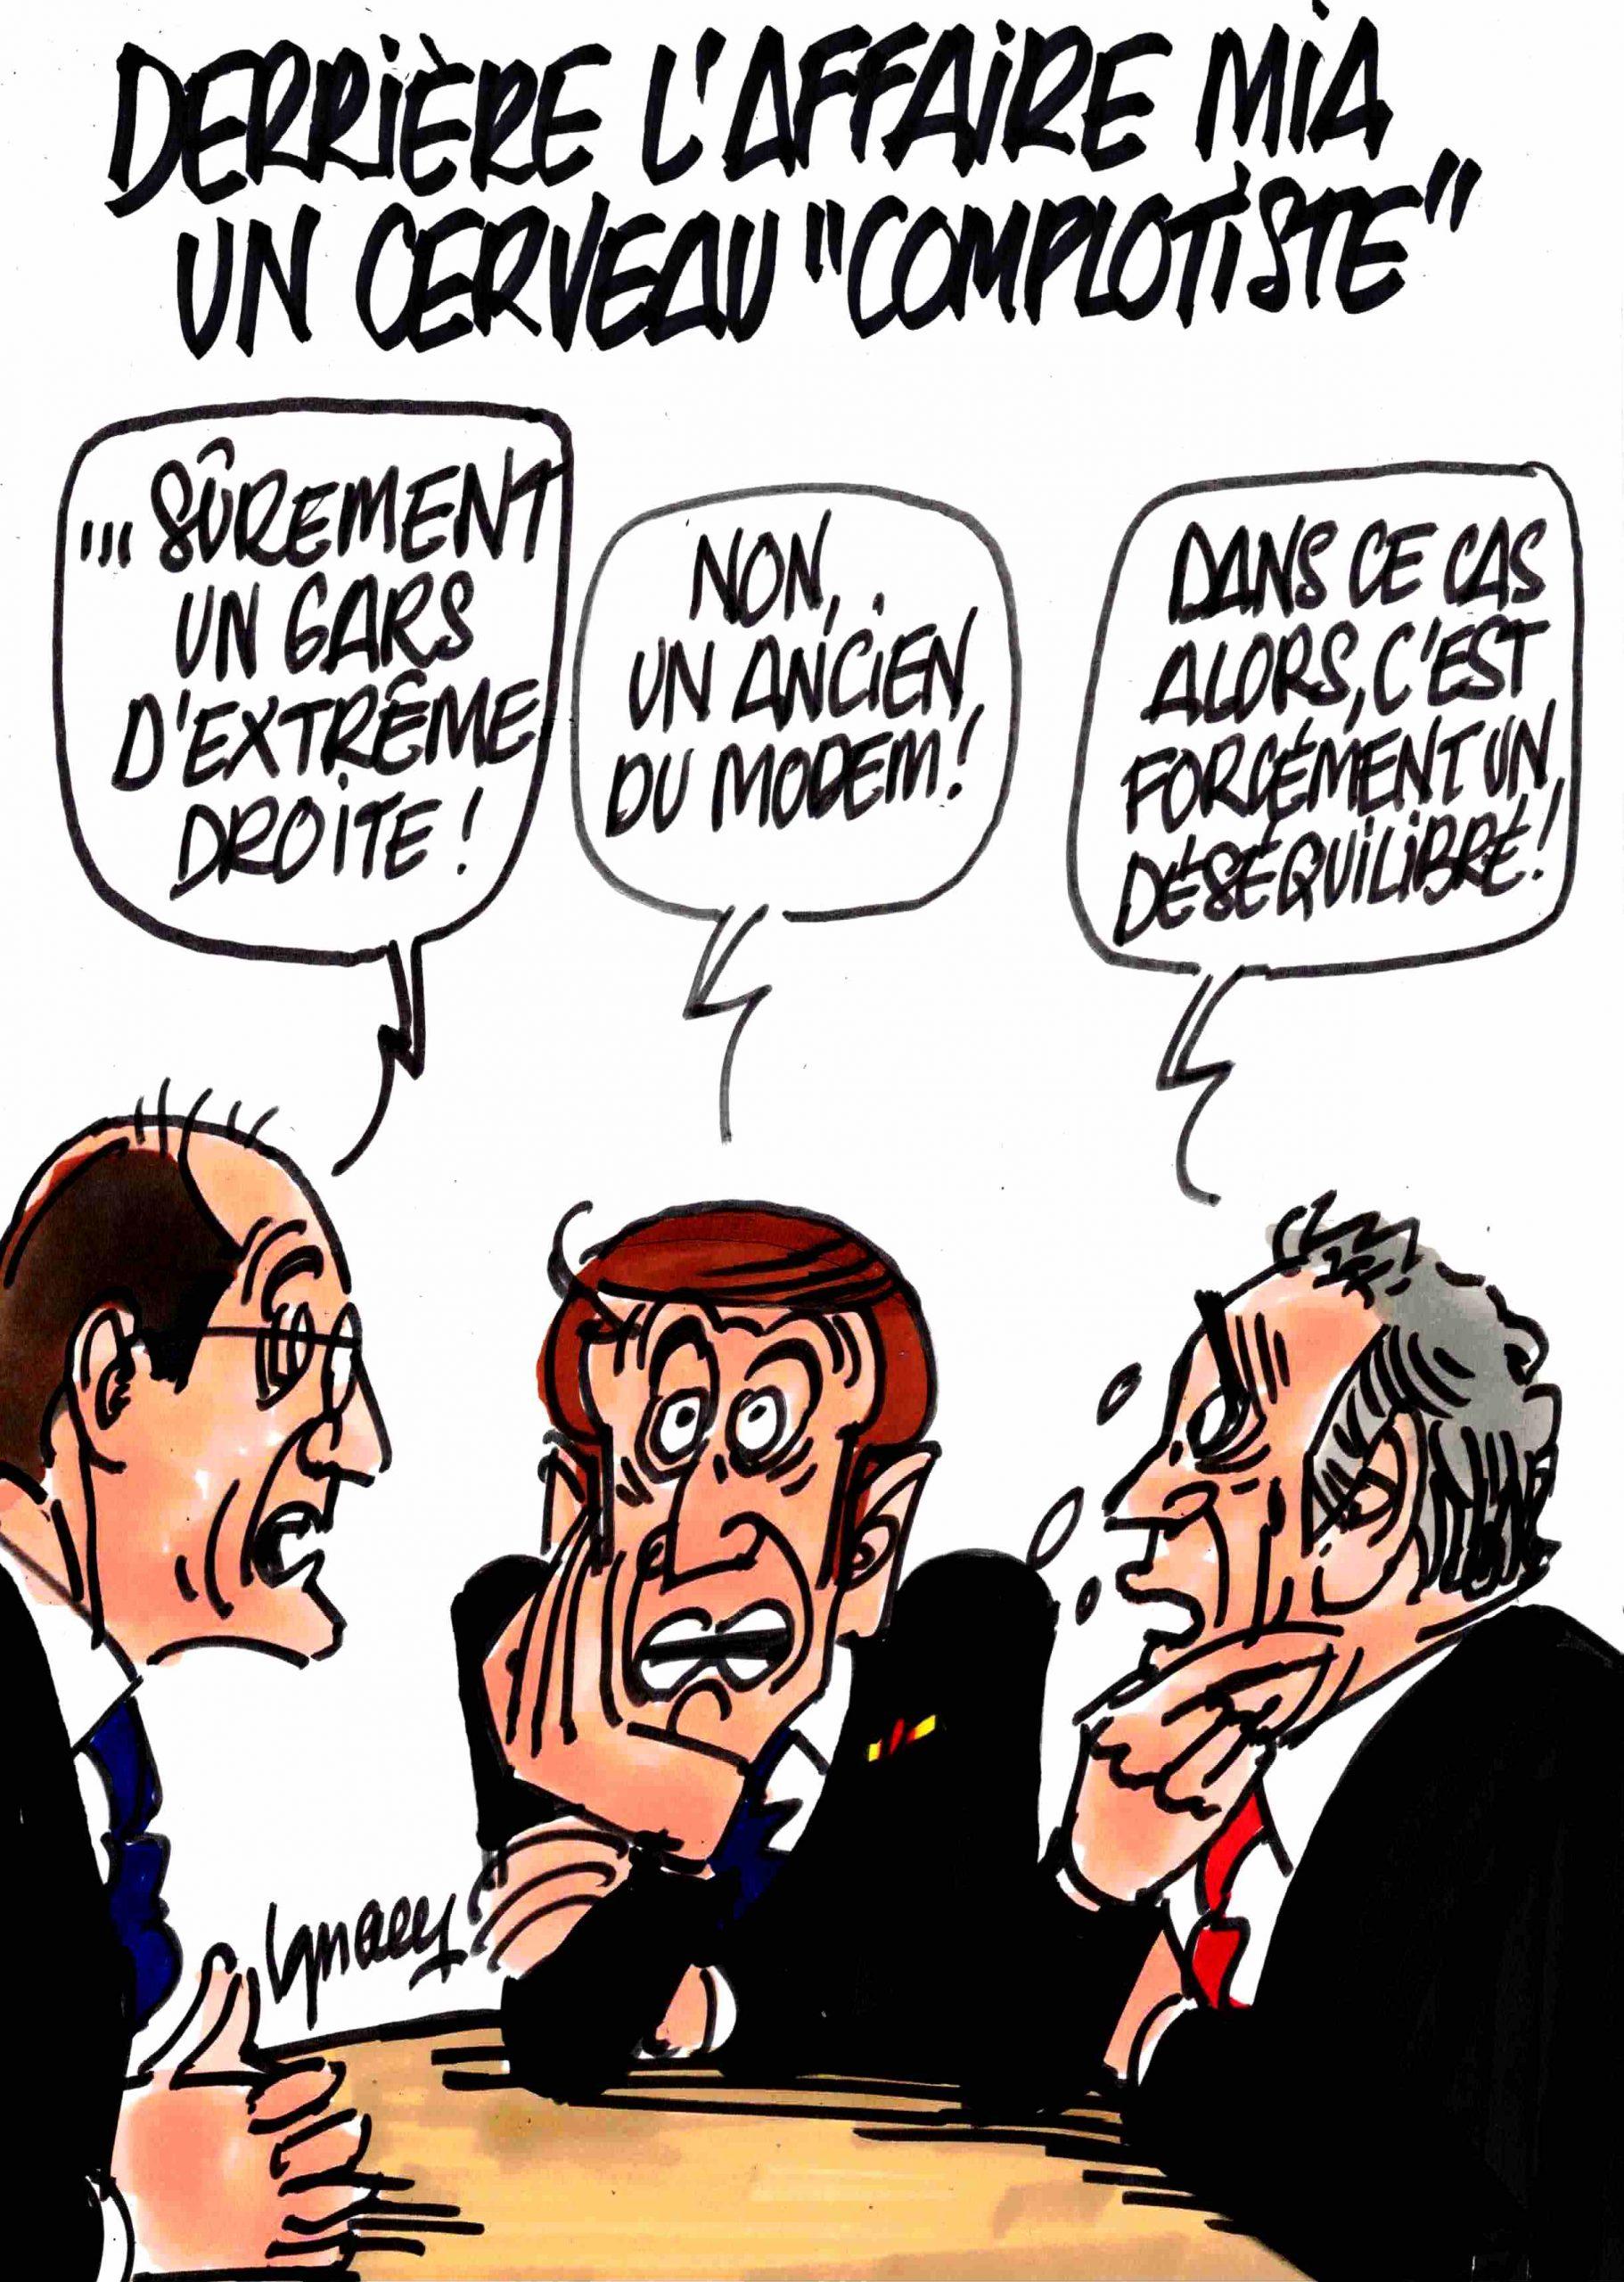 """Ignace - Derrière l'affaire Mia un cerveau """"complotiste"""""""